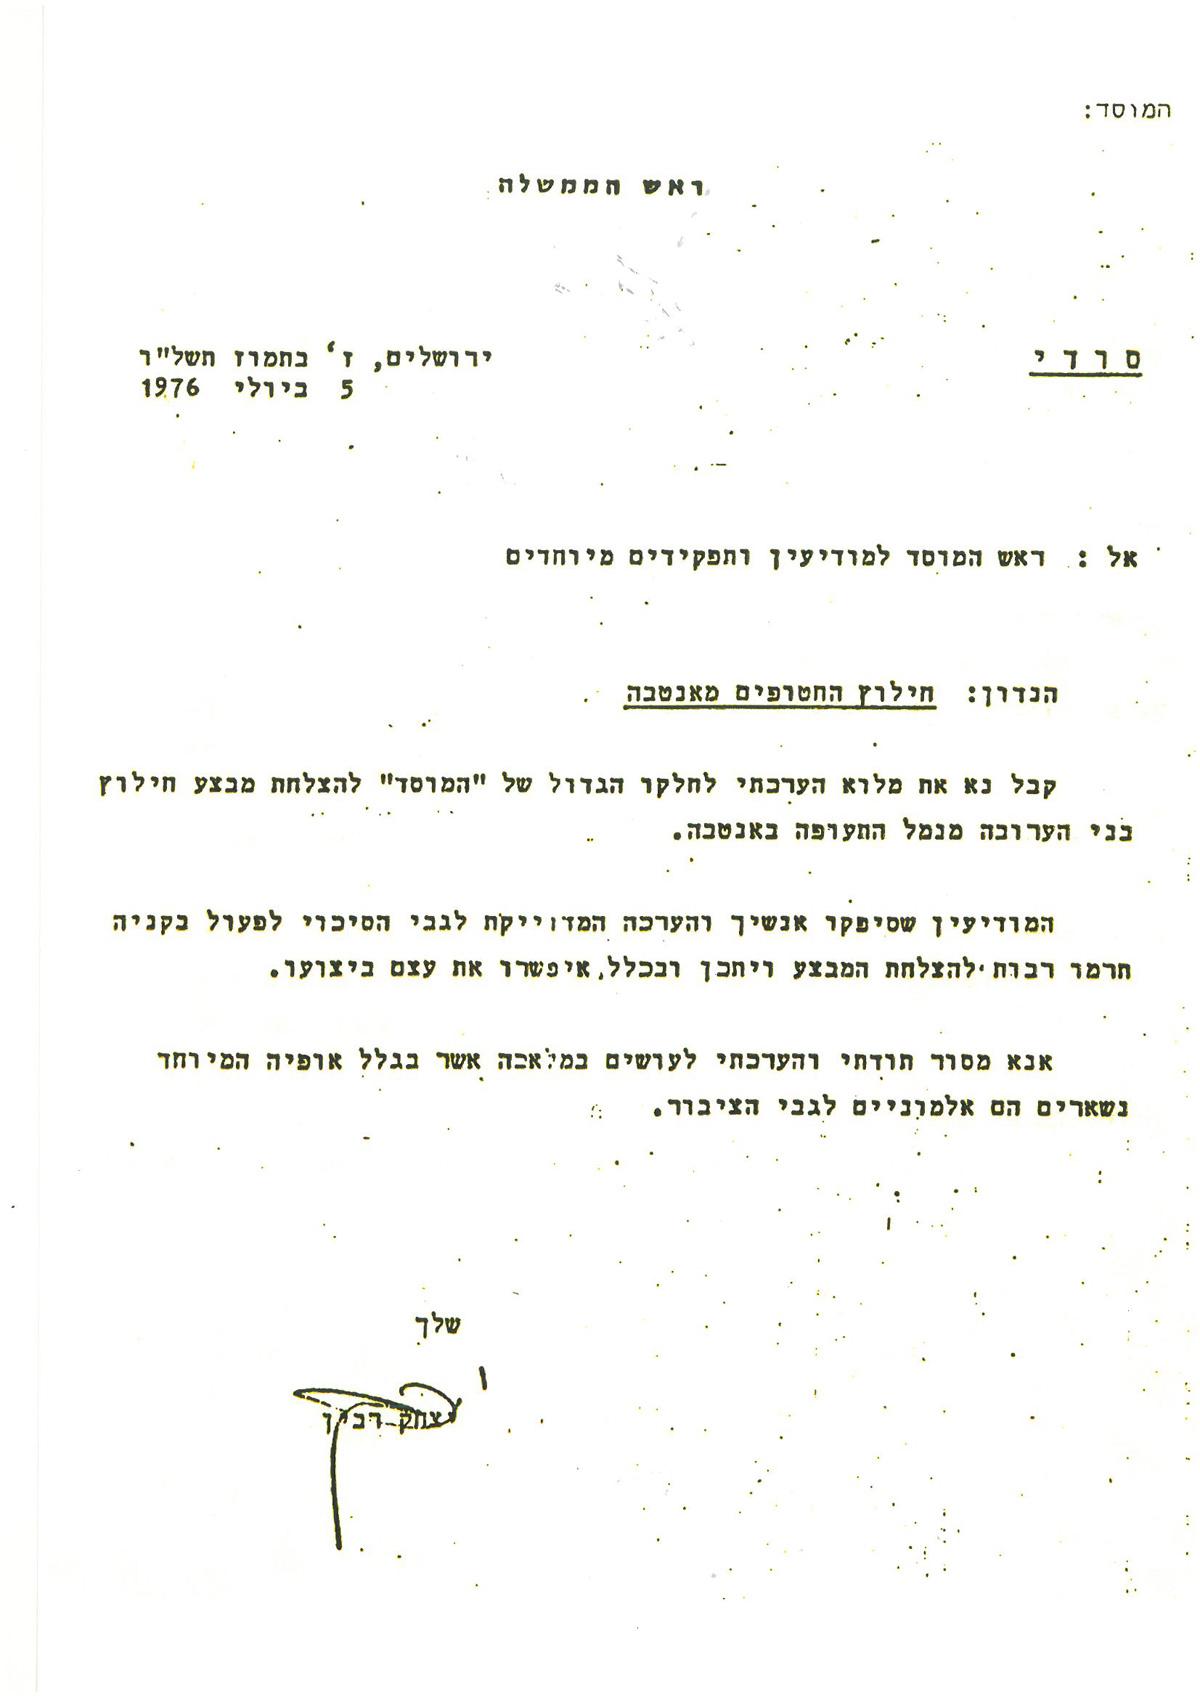 מכתב הערכה מראש הממשלה למוסד